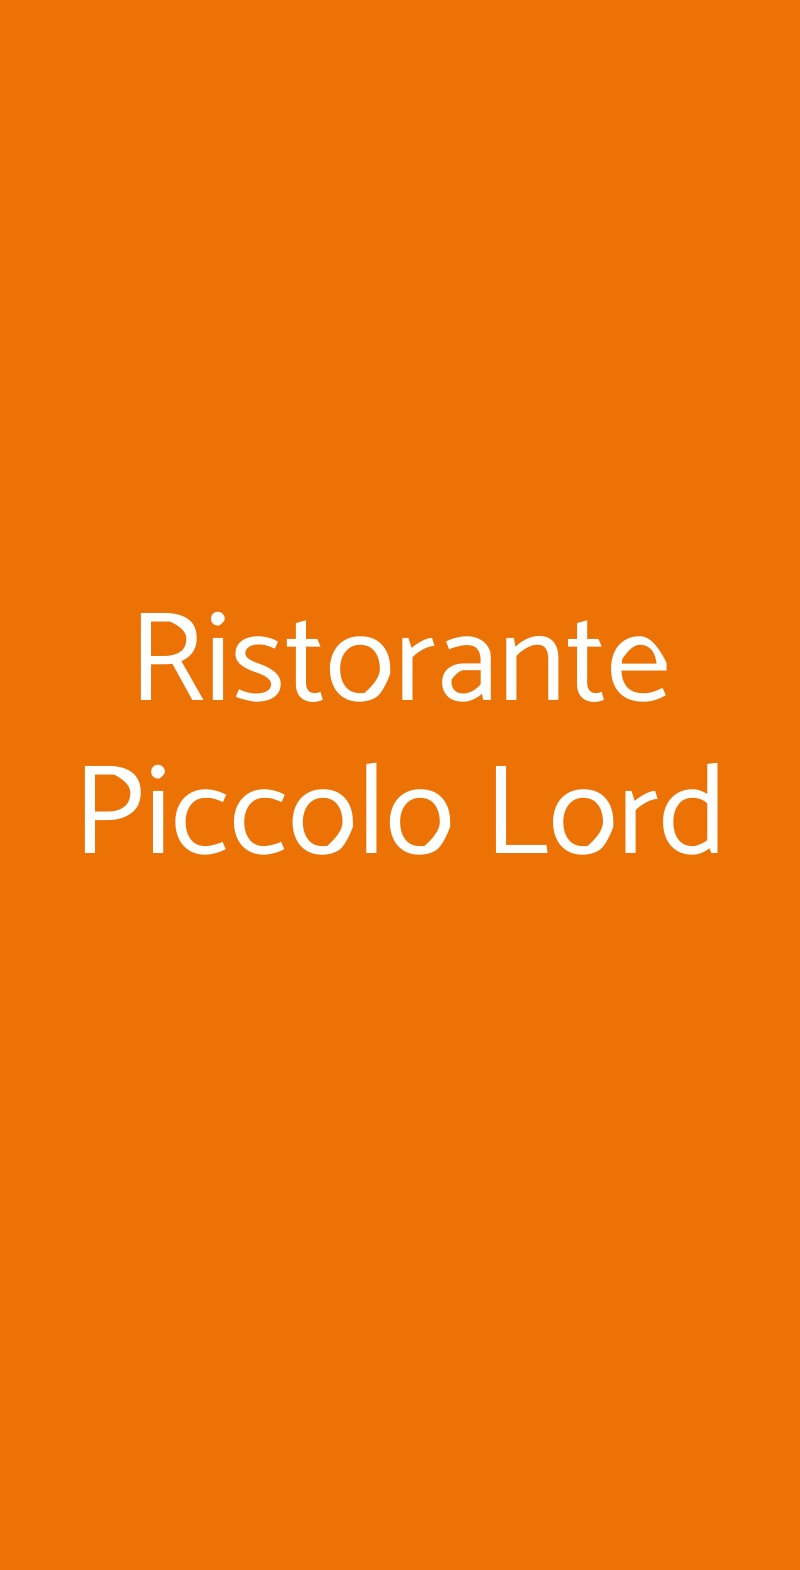 Ristorante Piccolo Lord Torino menù 1 pagina